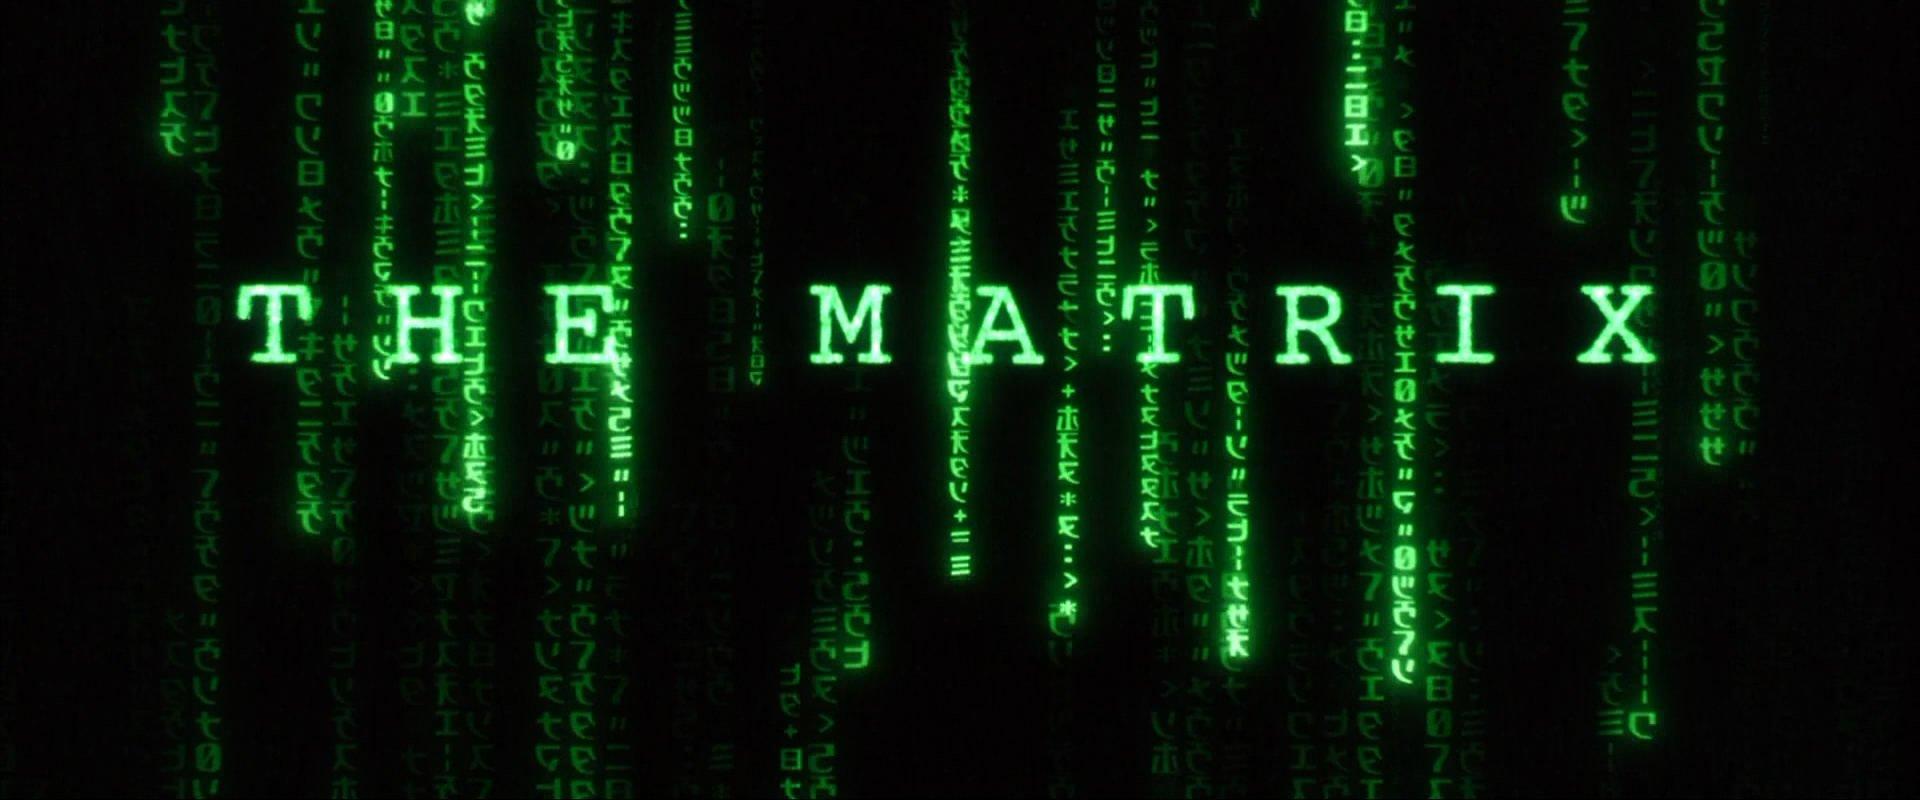 Мафия #7: MATRIX. День 4. - Изображение 1